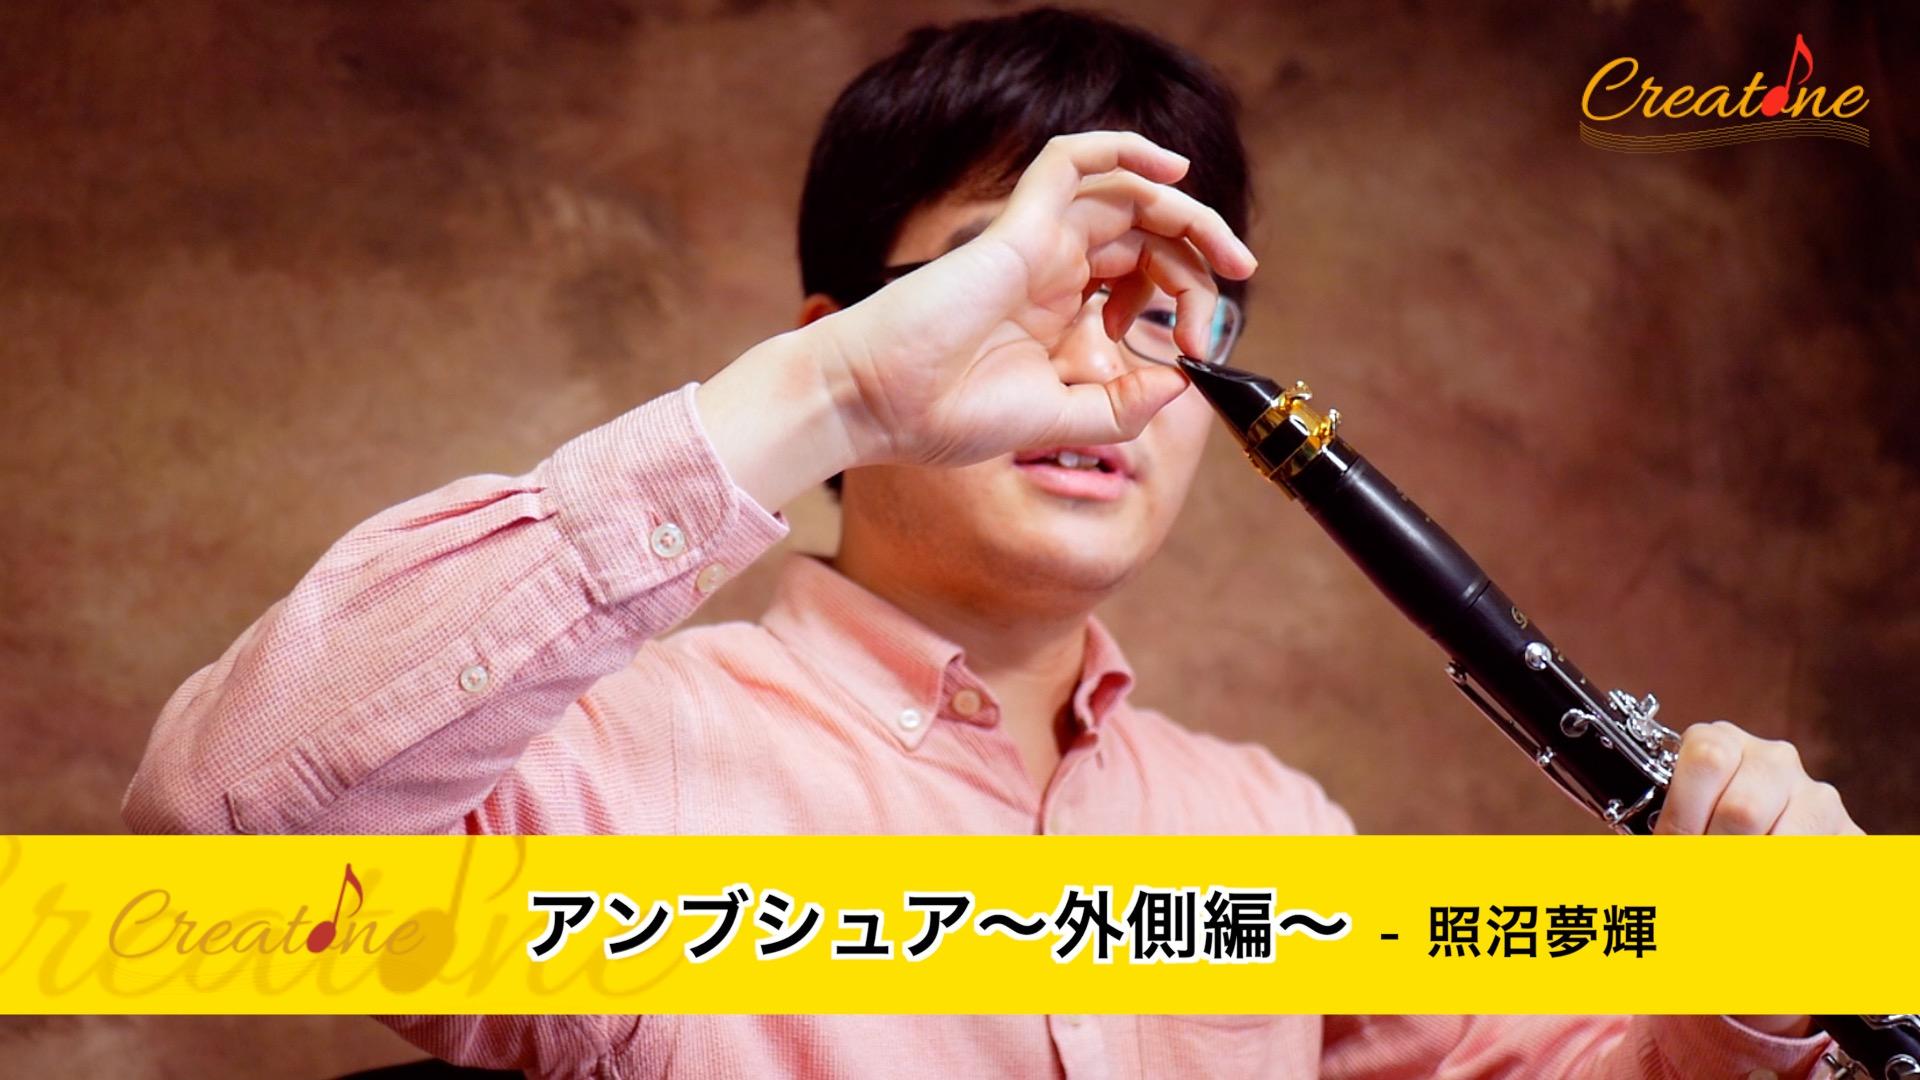 照沼夢輝4 アンブシュア〜外側編〜 サムネ